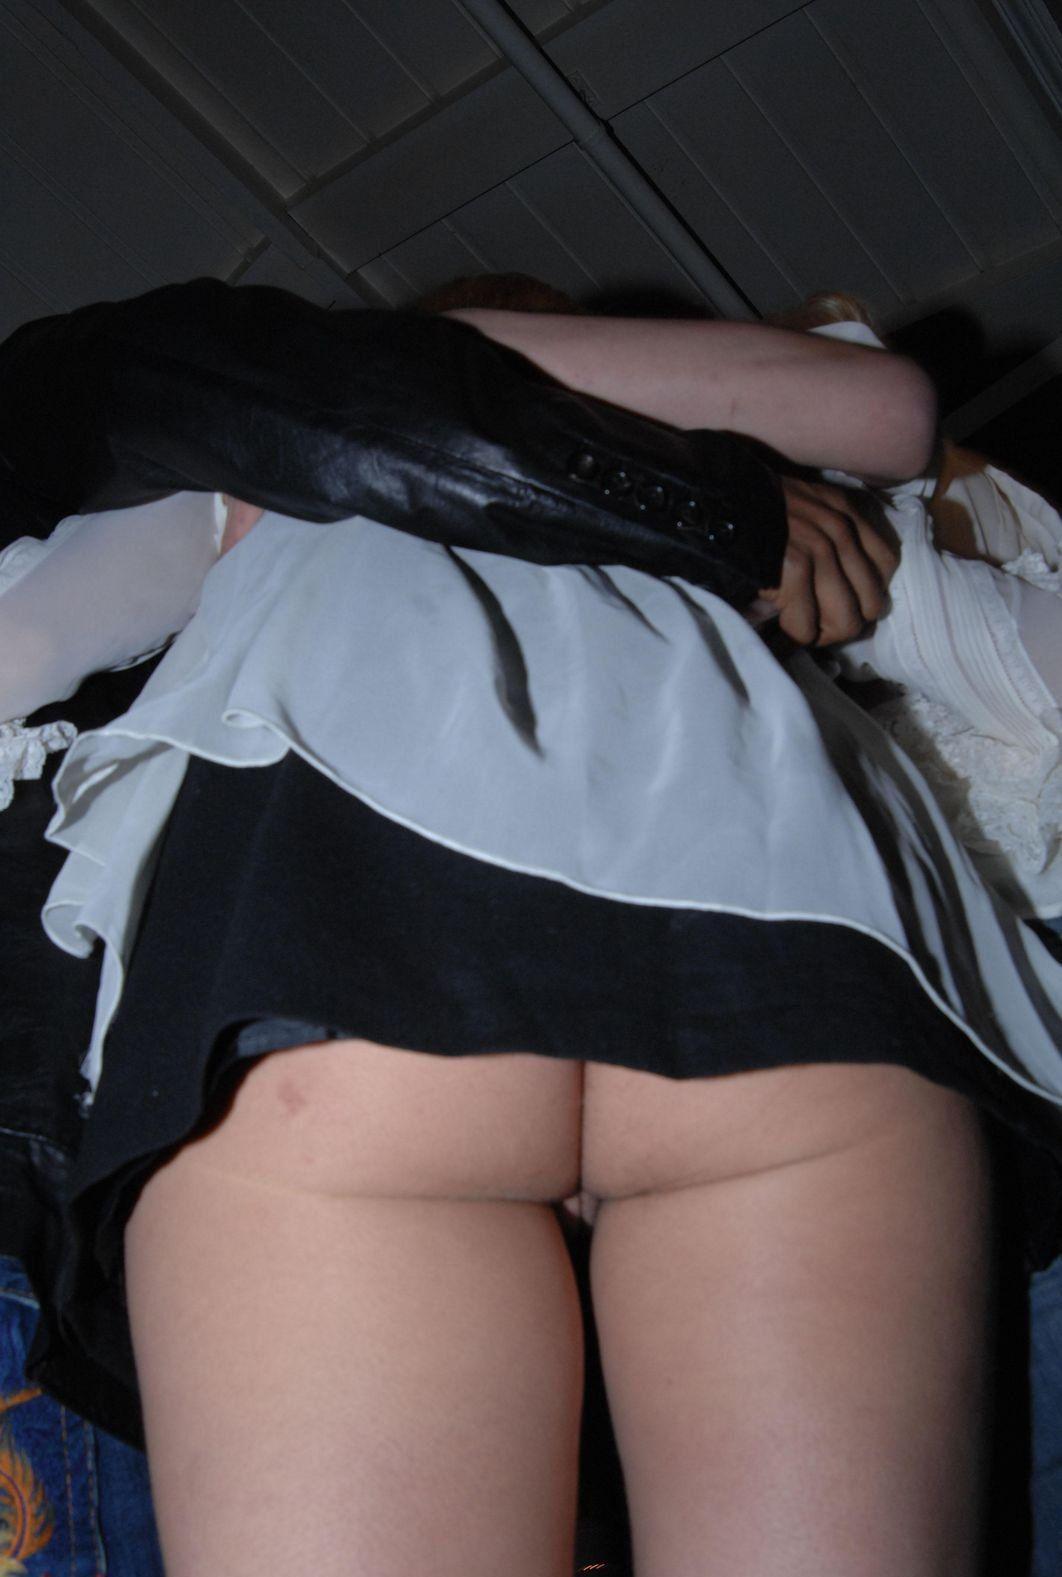 Britneys nude butt